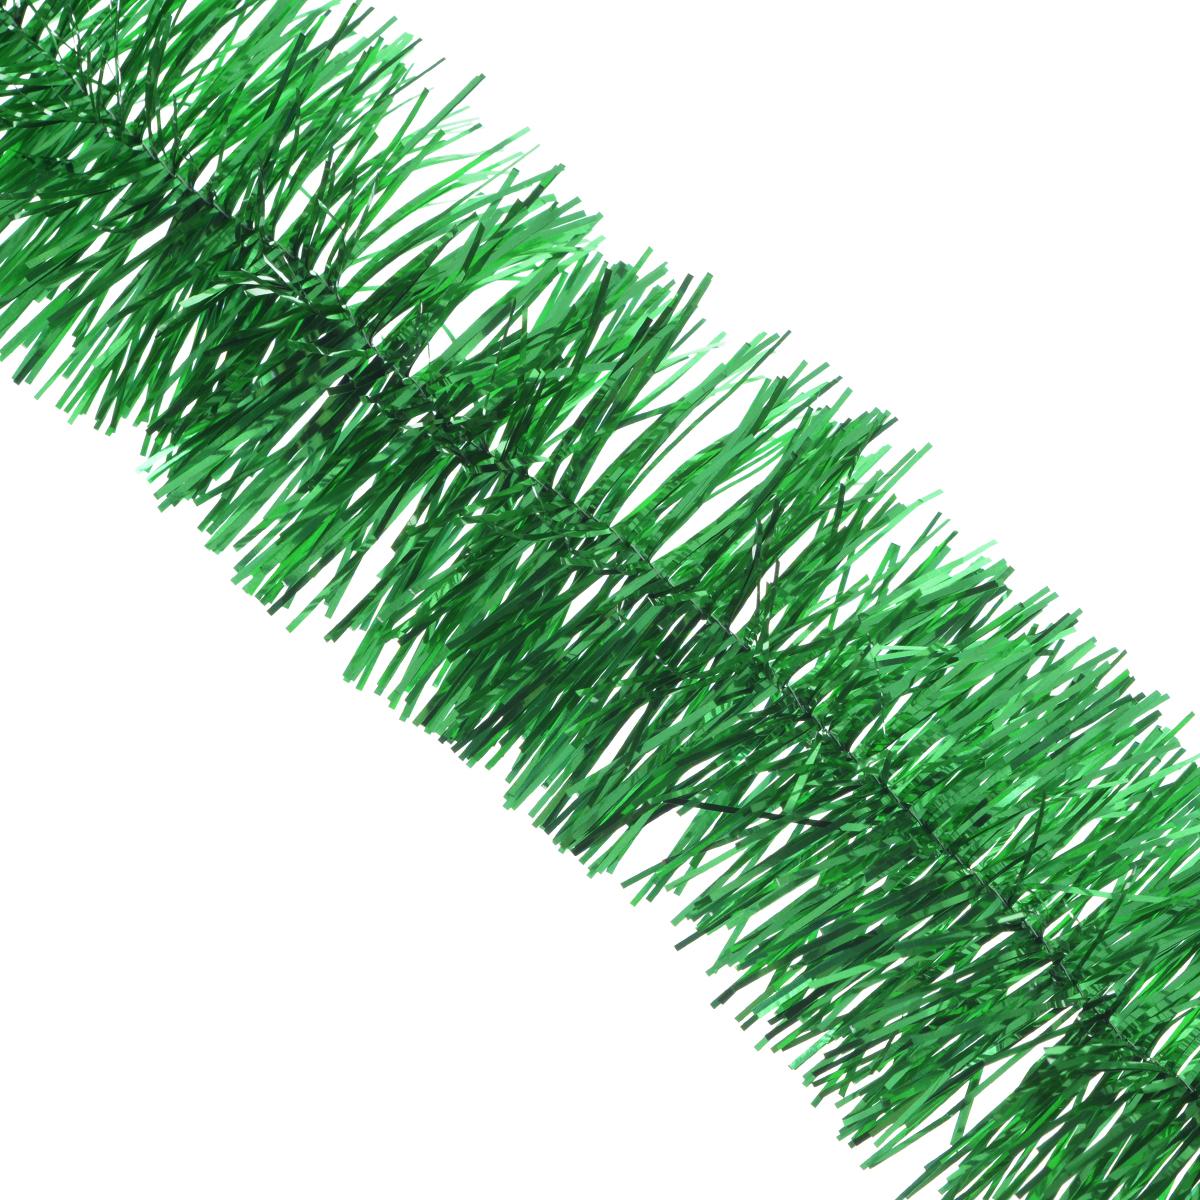 Мишура новогодняя Sima-land, цвет: зеленый, диаметр 6 см, длина 160 см. 7013061099604Новогодняя мишура Sima-land, выполненная из фольги, поможет вам украсить свой дом к предстоящим праздникам. А новогодняя елка с таким украшением станет еще наряднее. Мишура армирована, то есть имеет проволоку внутри и способна сохранять любую форму, которую вы ей придадите.Новогодней мишурой можно украсить все, что угодно - елку, квартиру, дачу, офис - как внутри, так и снаружи. Можно сложить новогодние поздравления, буквы и цифры, мишурой можно украсить и дополнить гирлянды, можно выделить дверные колонны, оплести дверные проемы.